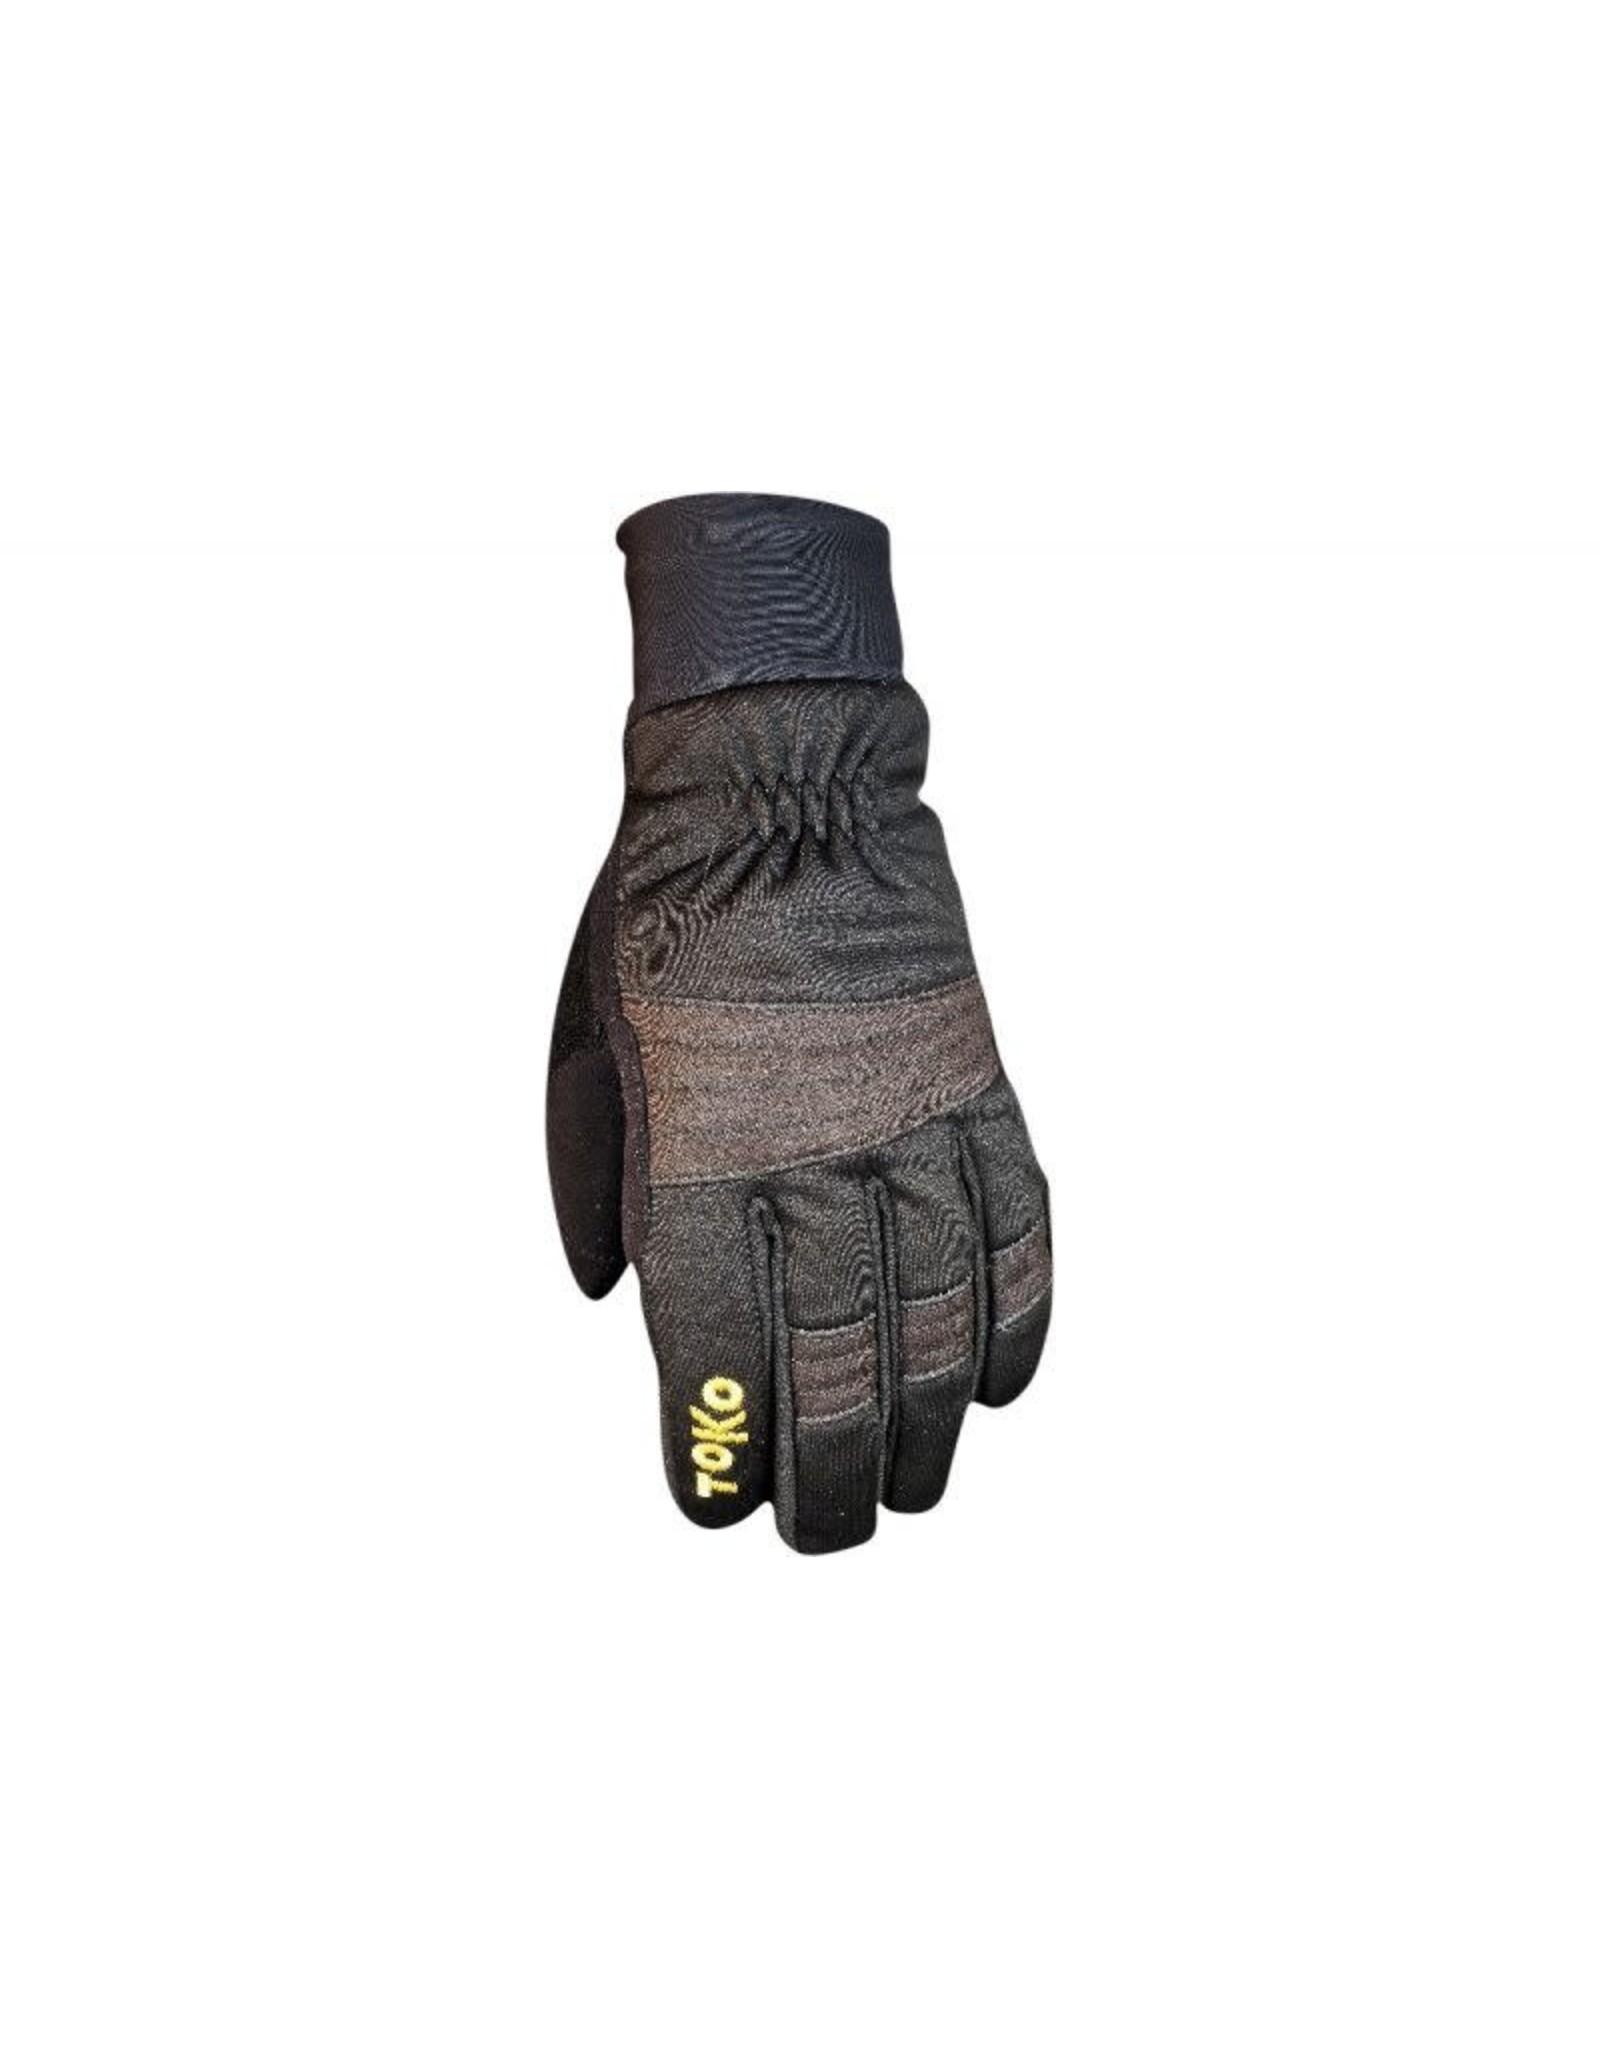 Toko Toko Thermo Plus Glove